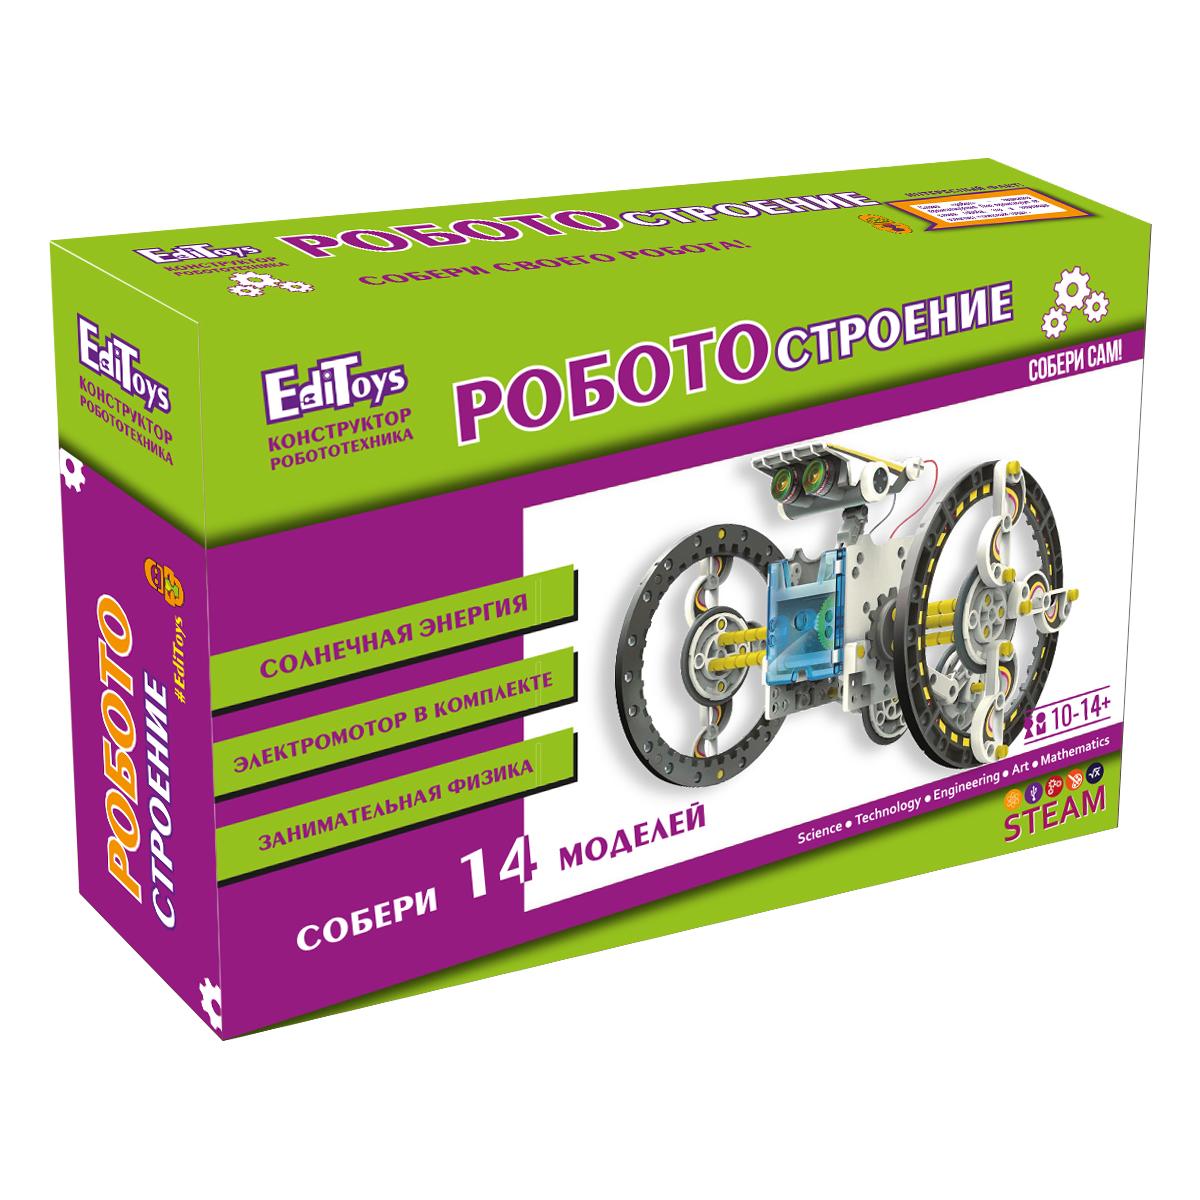 лучшая цена Пластиковый конструктор EdiToys ET04